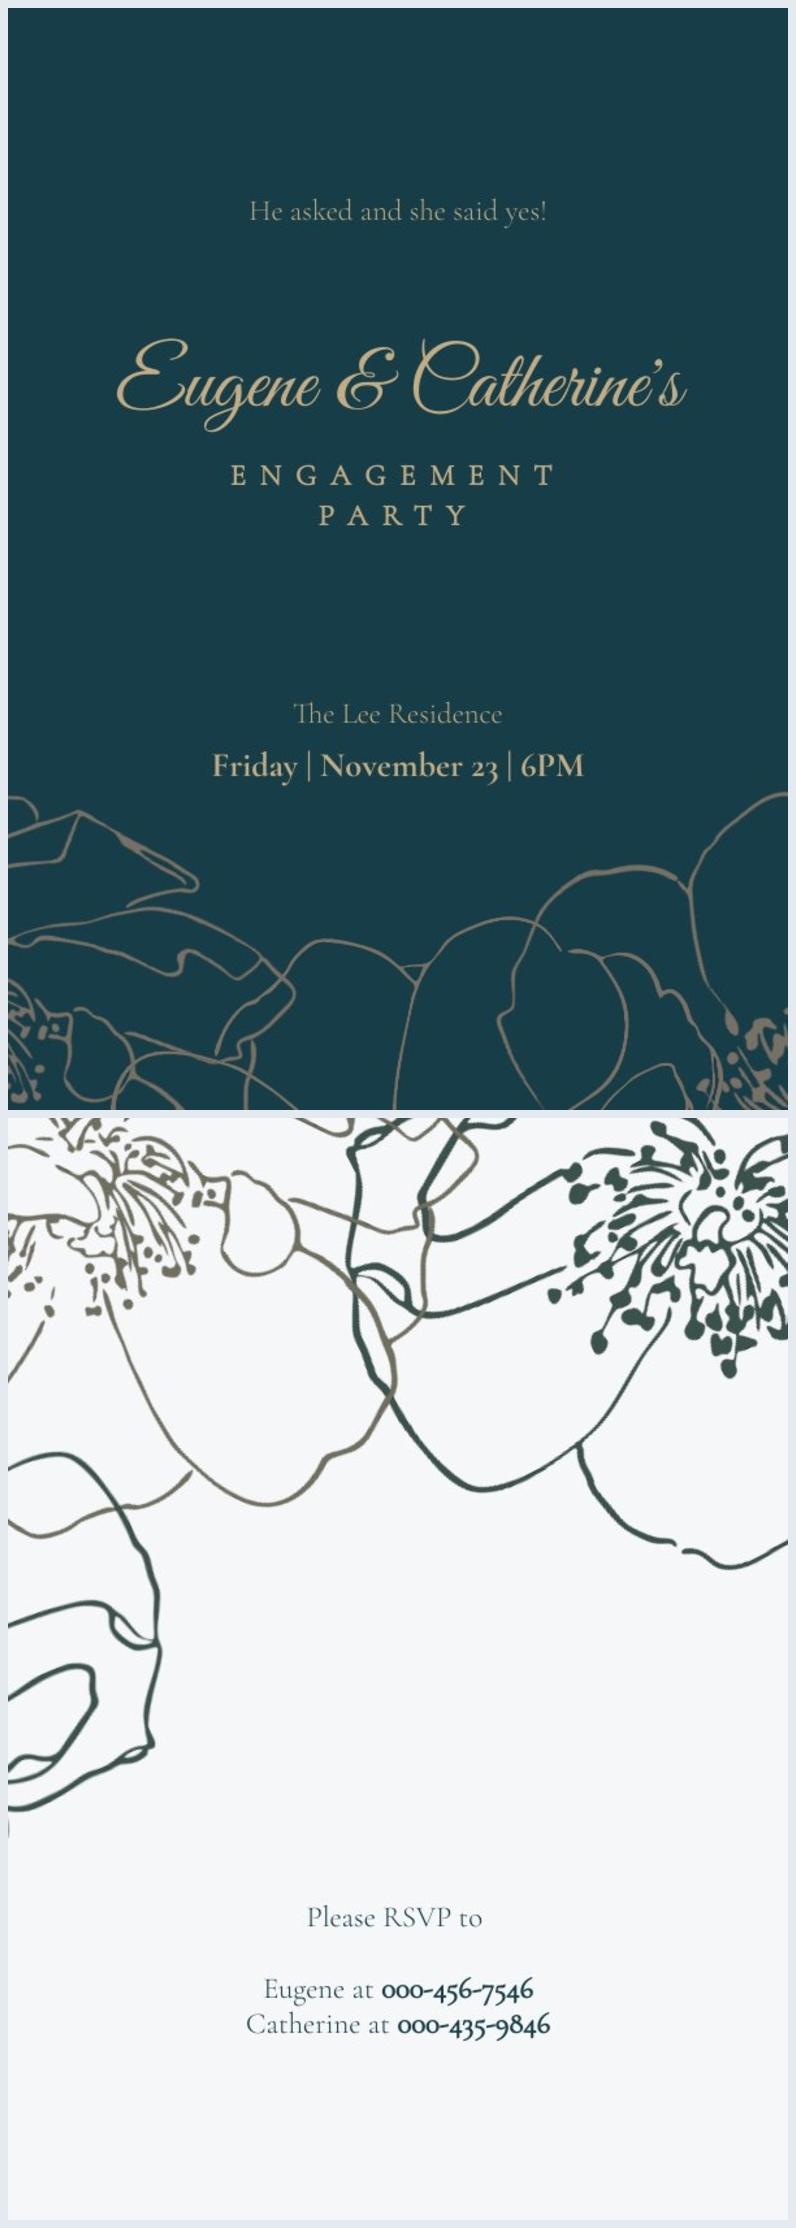 Engagement Invitation Design Idea